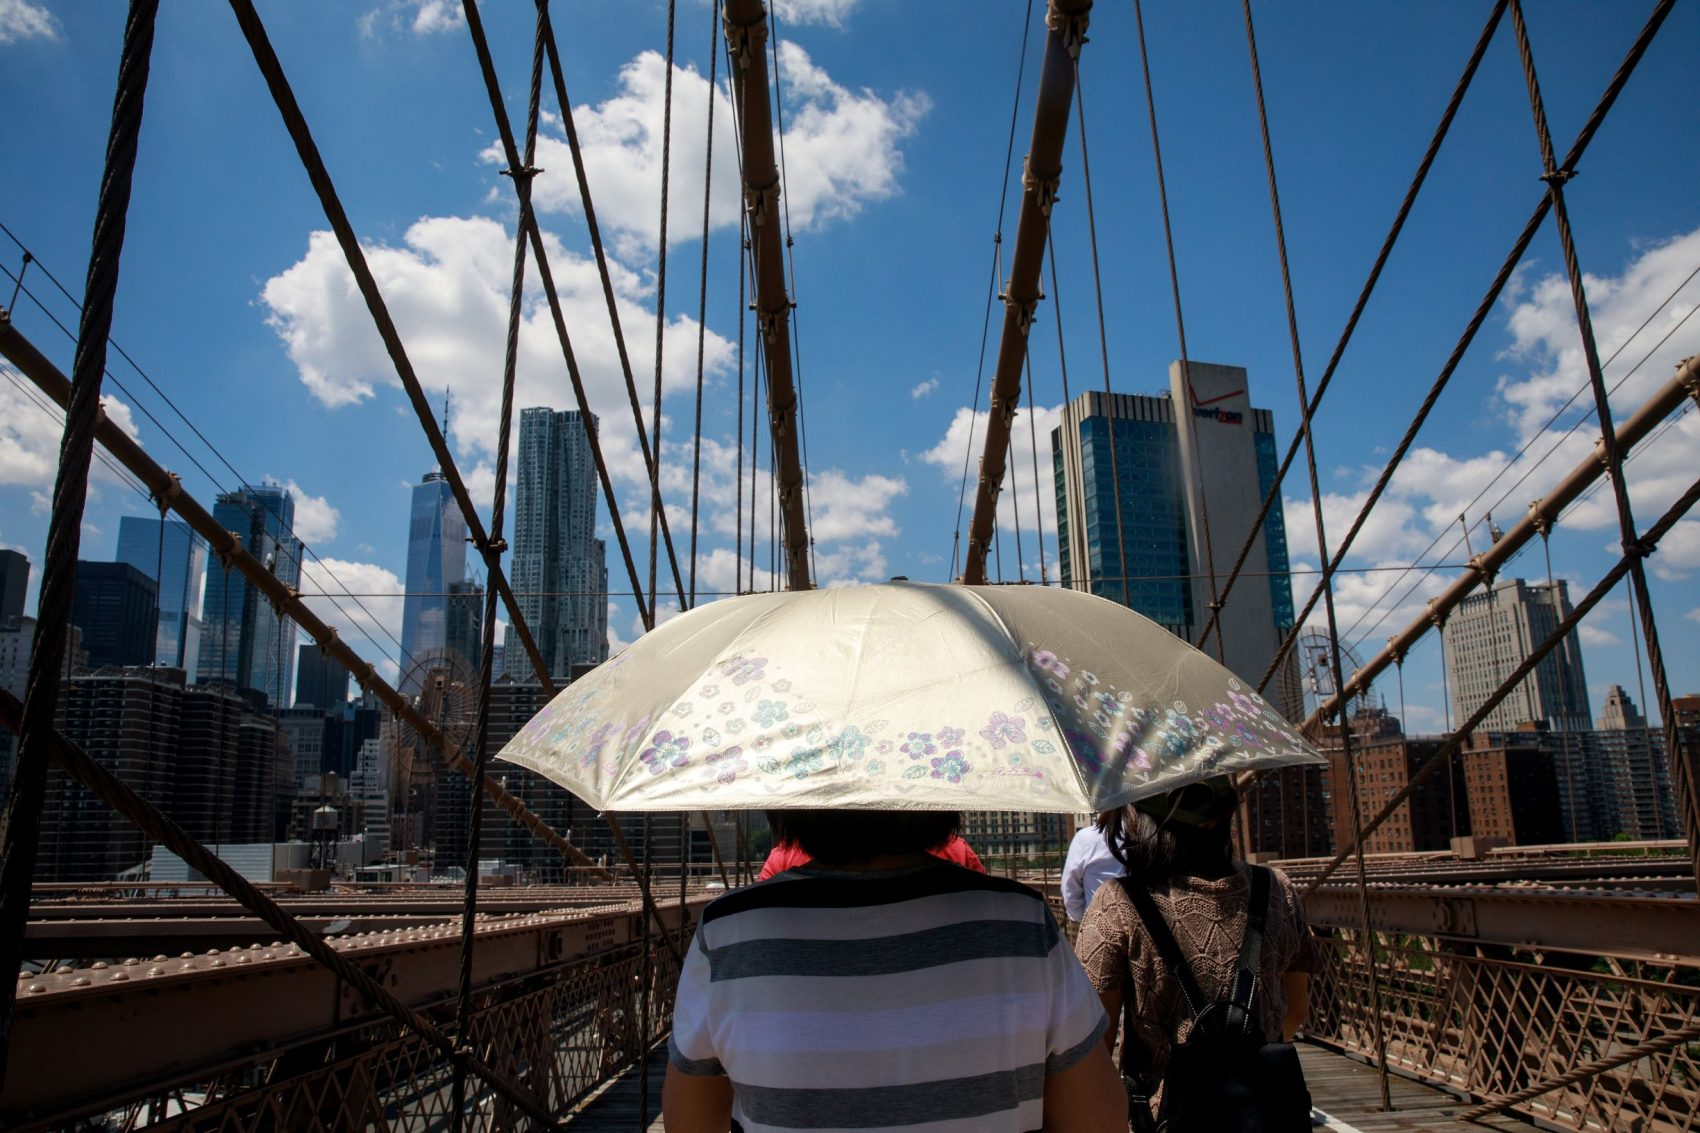 Moradora se protege do sol na ponte do Brooklyn, em Nova YorK: cidade tem abrigos para proteger os mais vulneráveis do calor intenso (Foto: Drew Angerer/AFP)